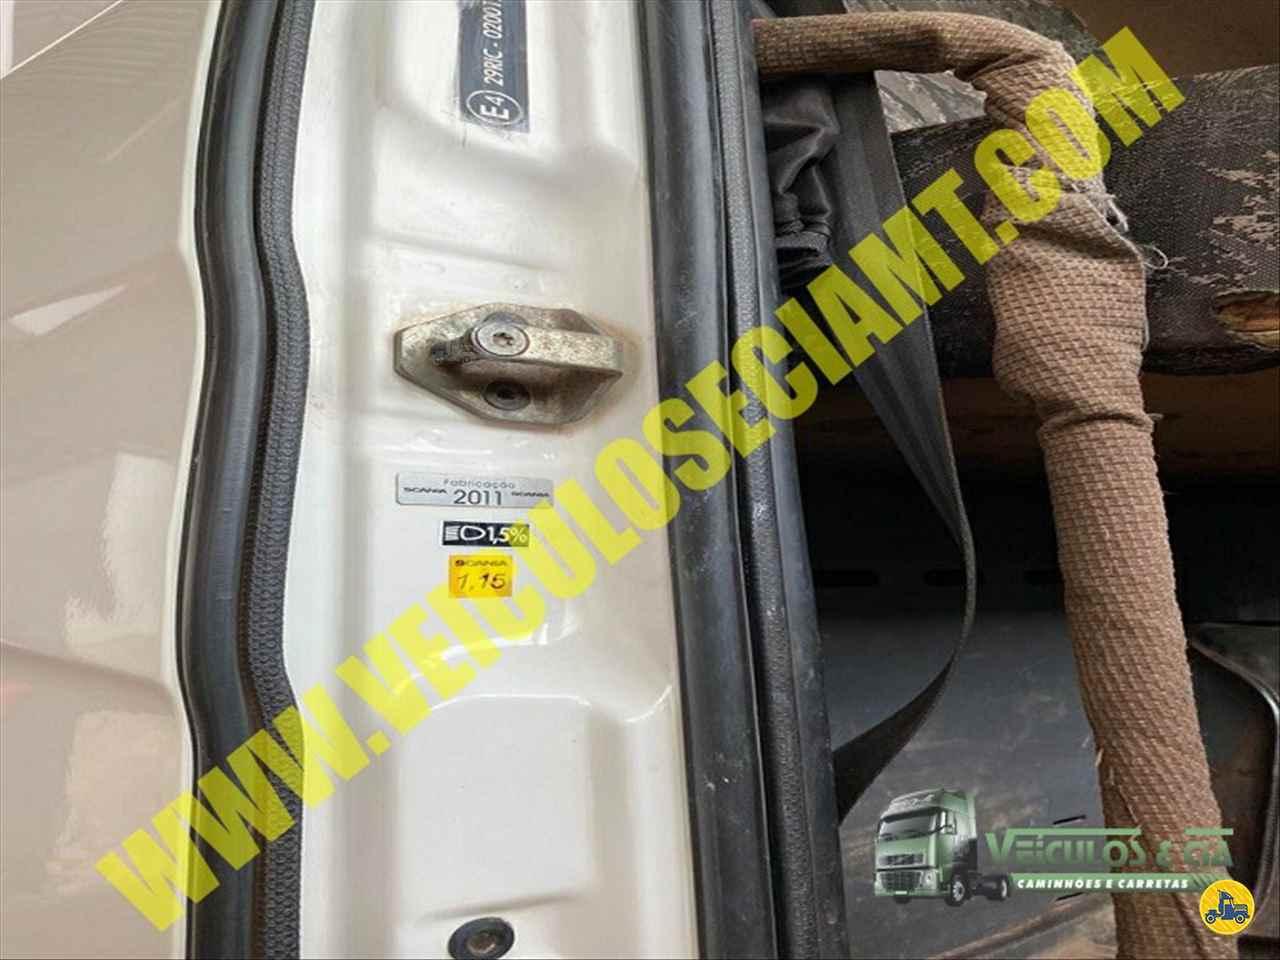 SCANIA SCANIA 420 690000km 2011/2012 Veiculos e Cia